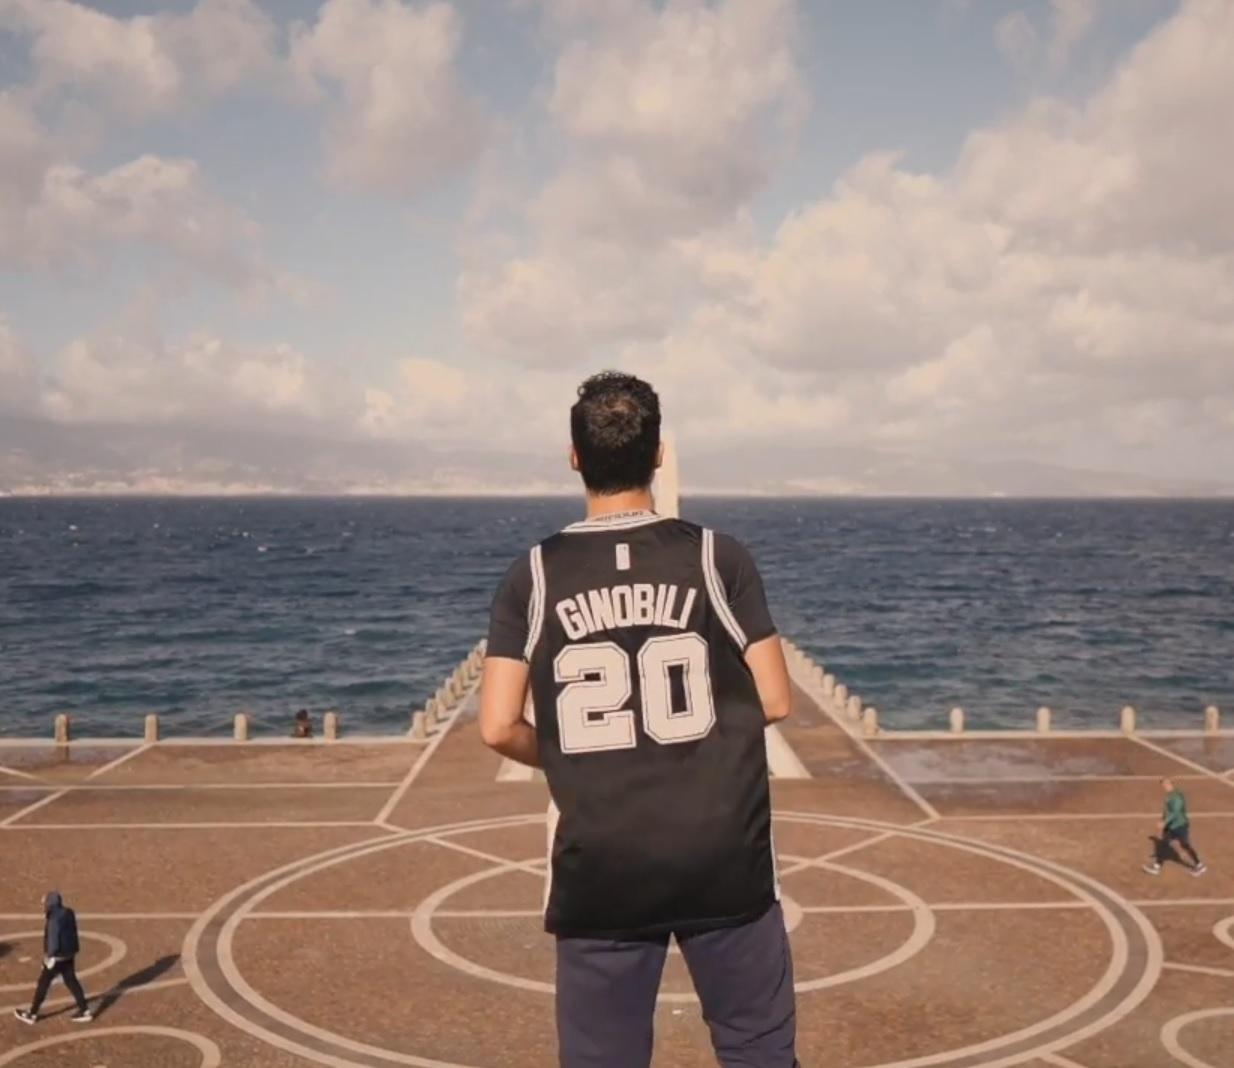 «Come Ginobili» le rime rap tra basket e riscatto giovanile